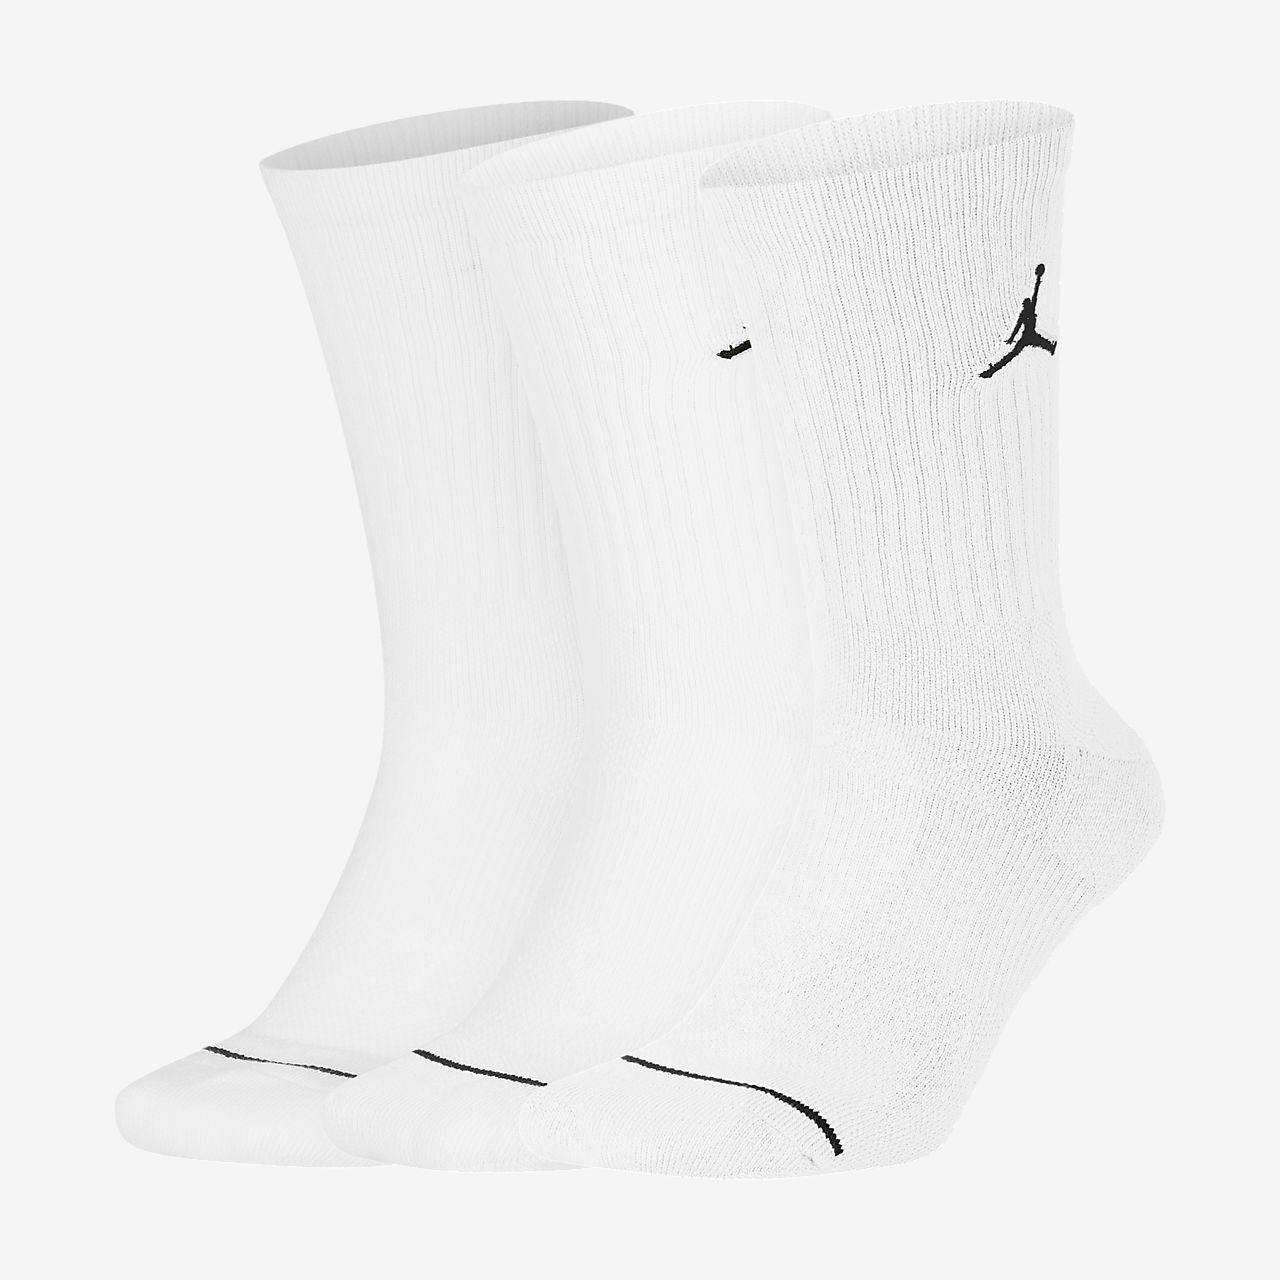 Calze da basket Jordan Jumpman Crew (3 paia)